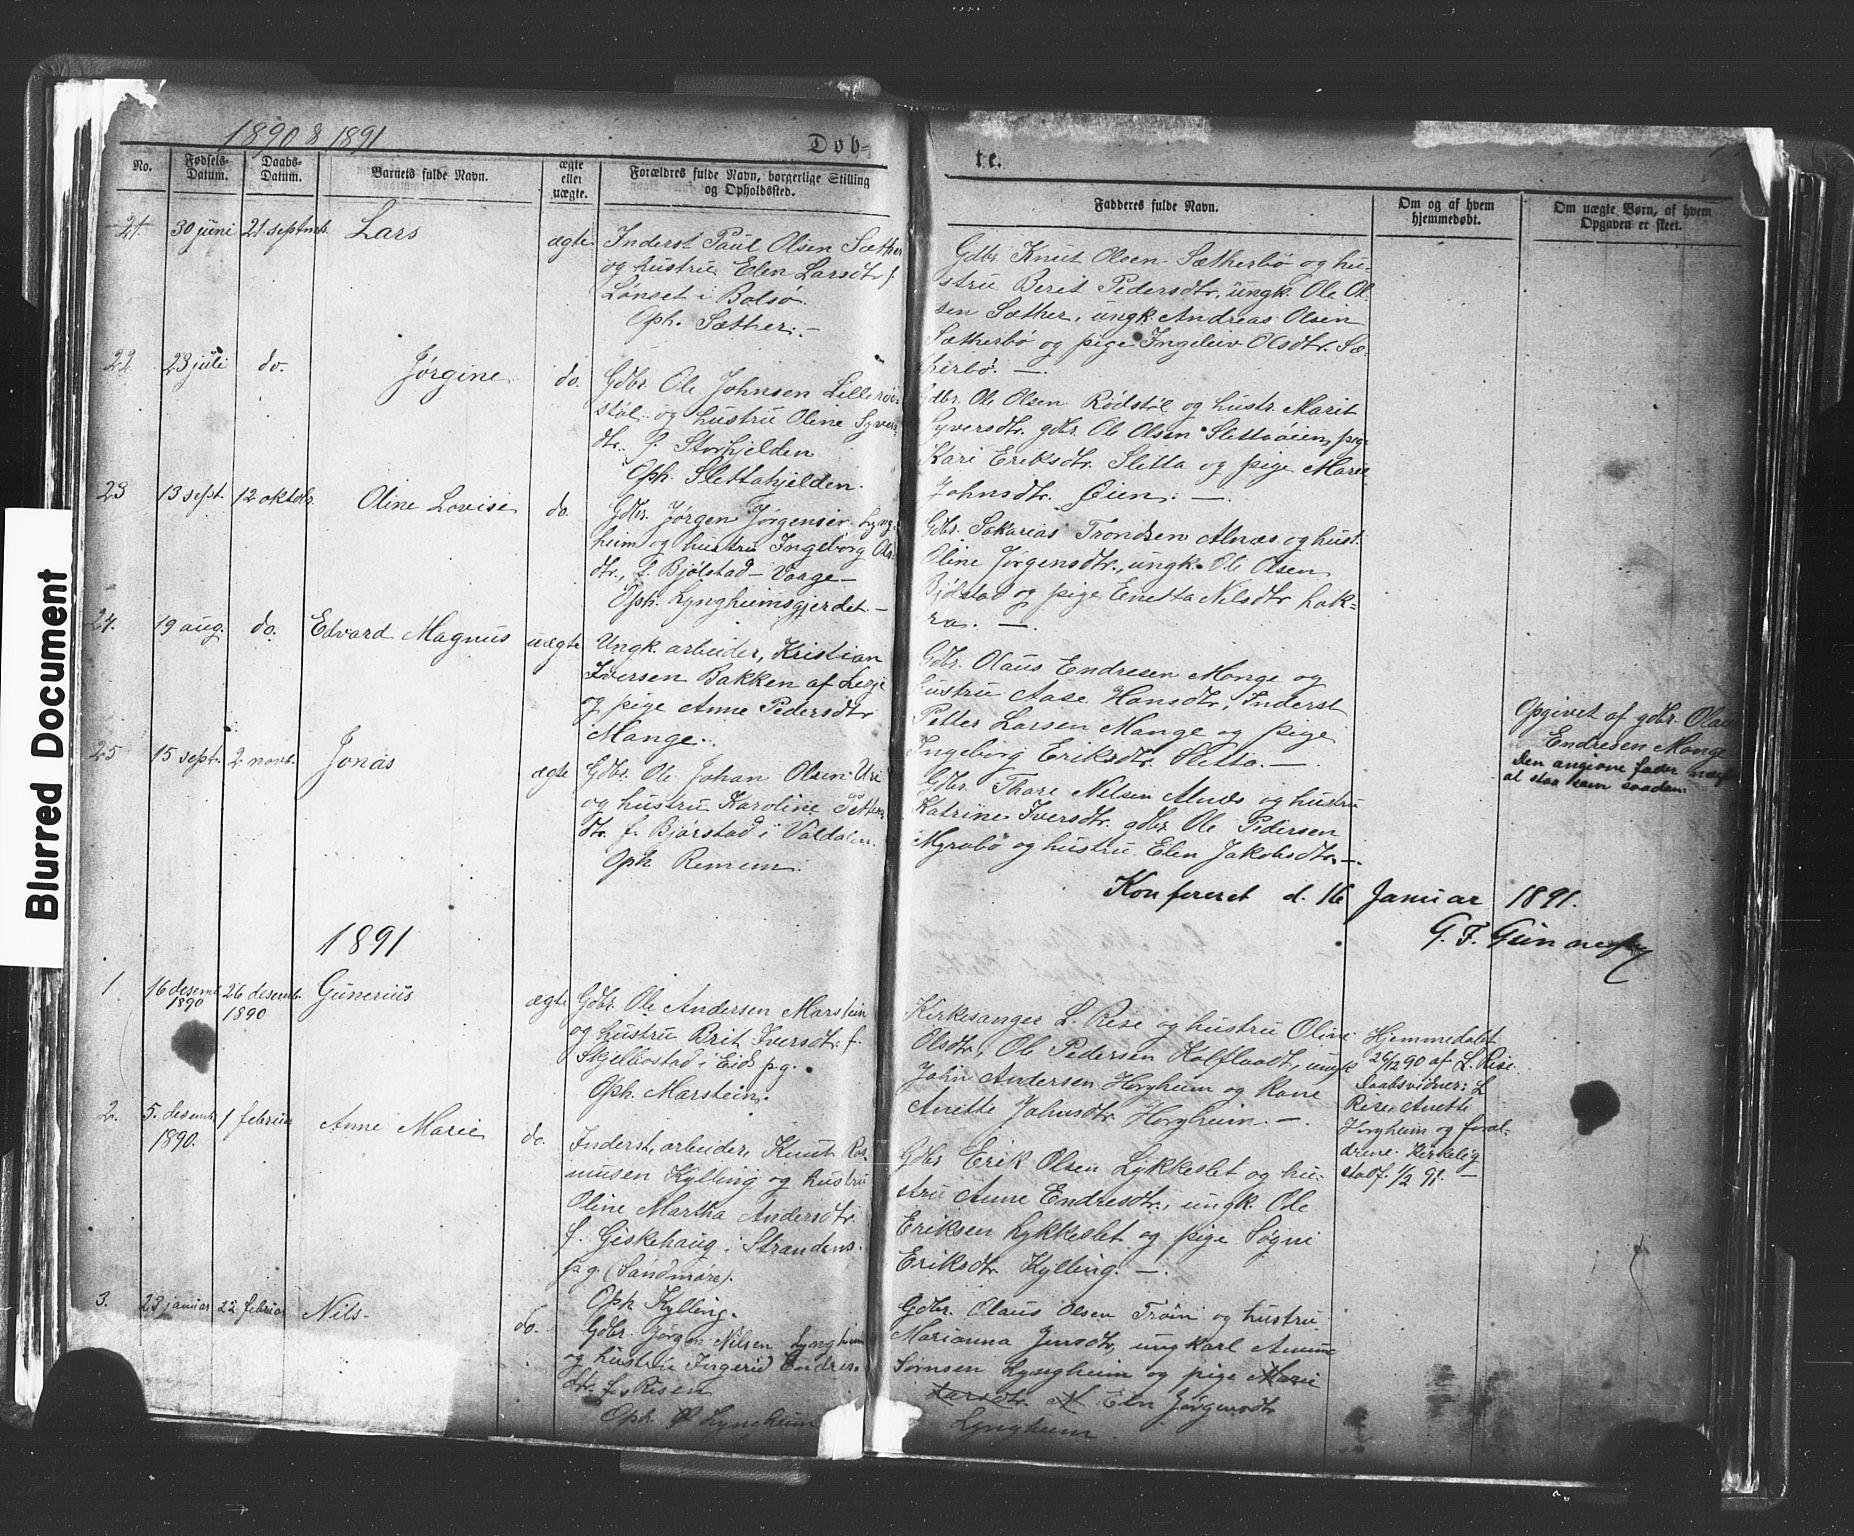 SAT, Ministerialprotokoller, klokkerbøker og fødselsregistre - Møre og Romsdal, 546/L0596: Klokkerbok nr. 546C02, 1867-1921, s. 53